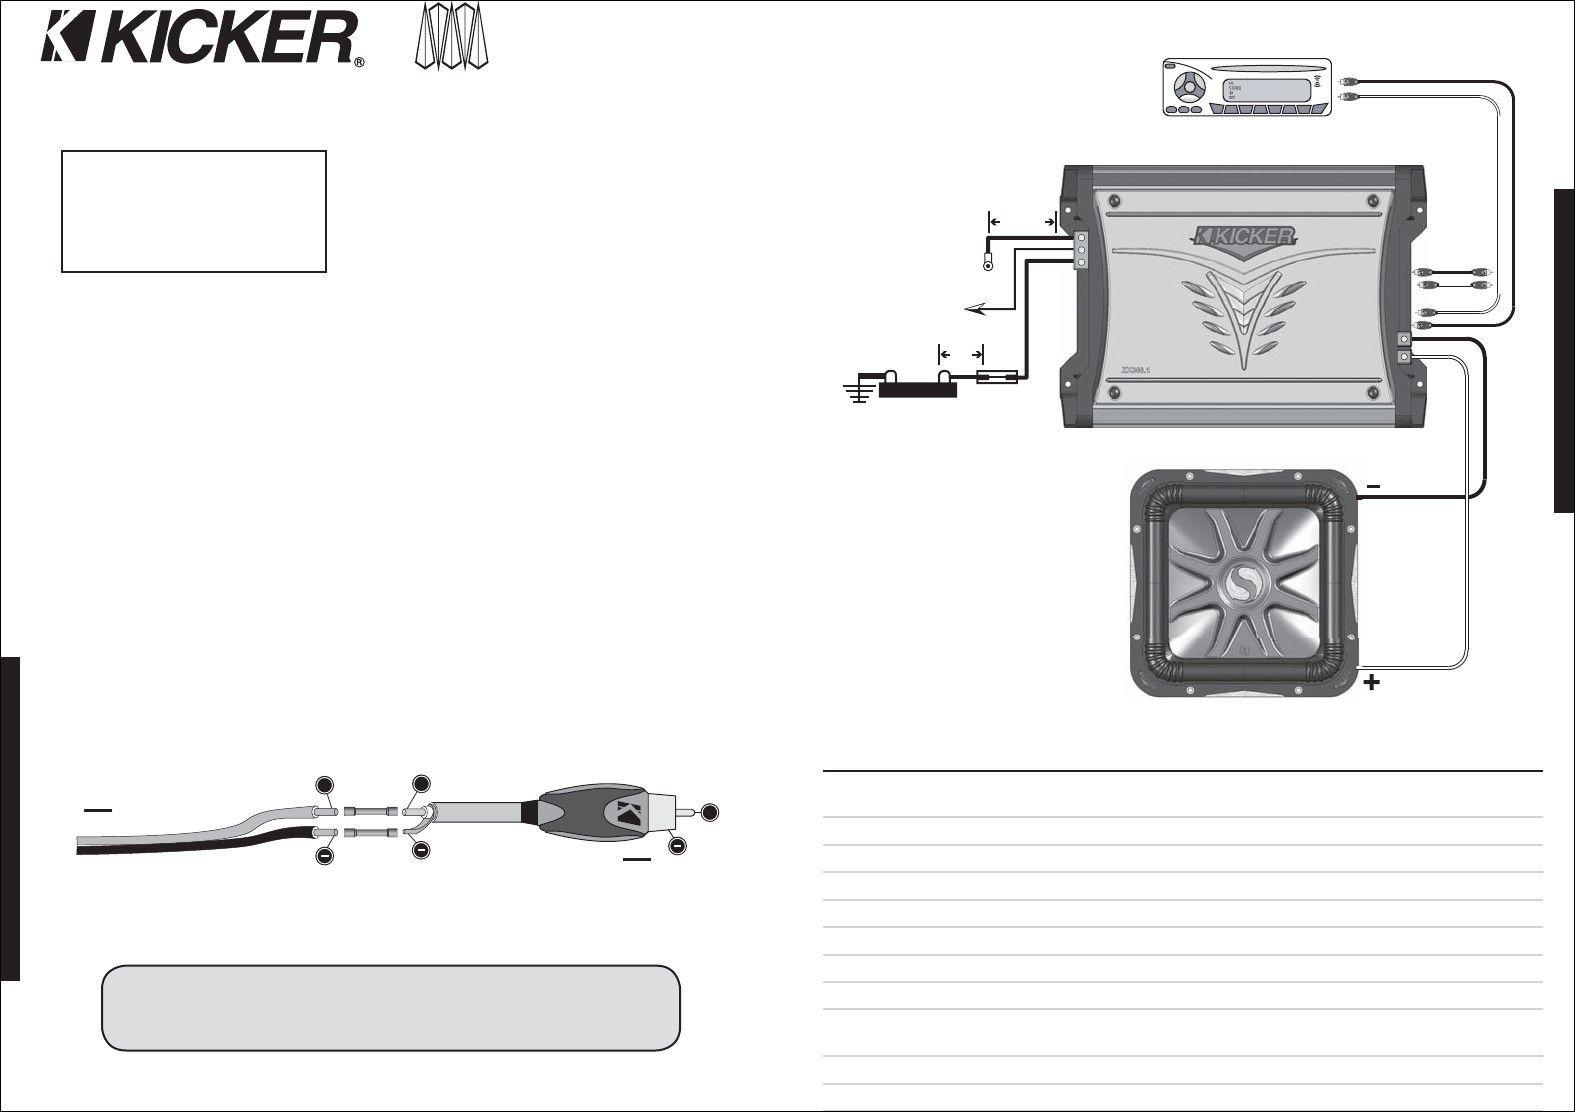 Kicker Solo Baric L7 Wiring Diagram New Di 2020